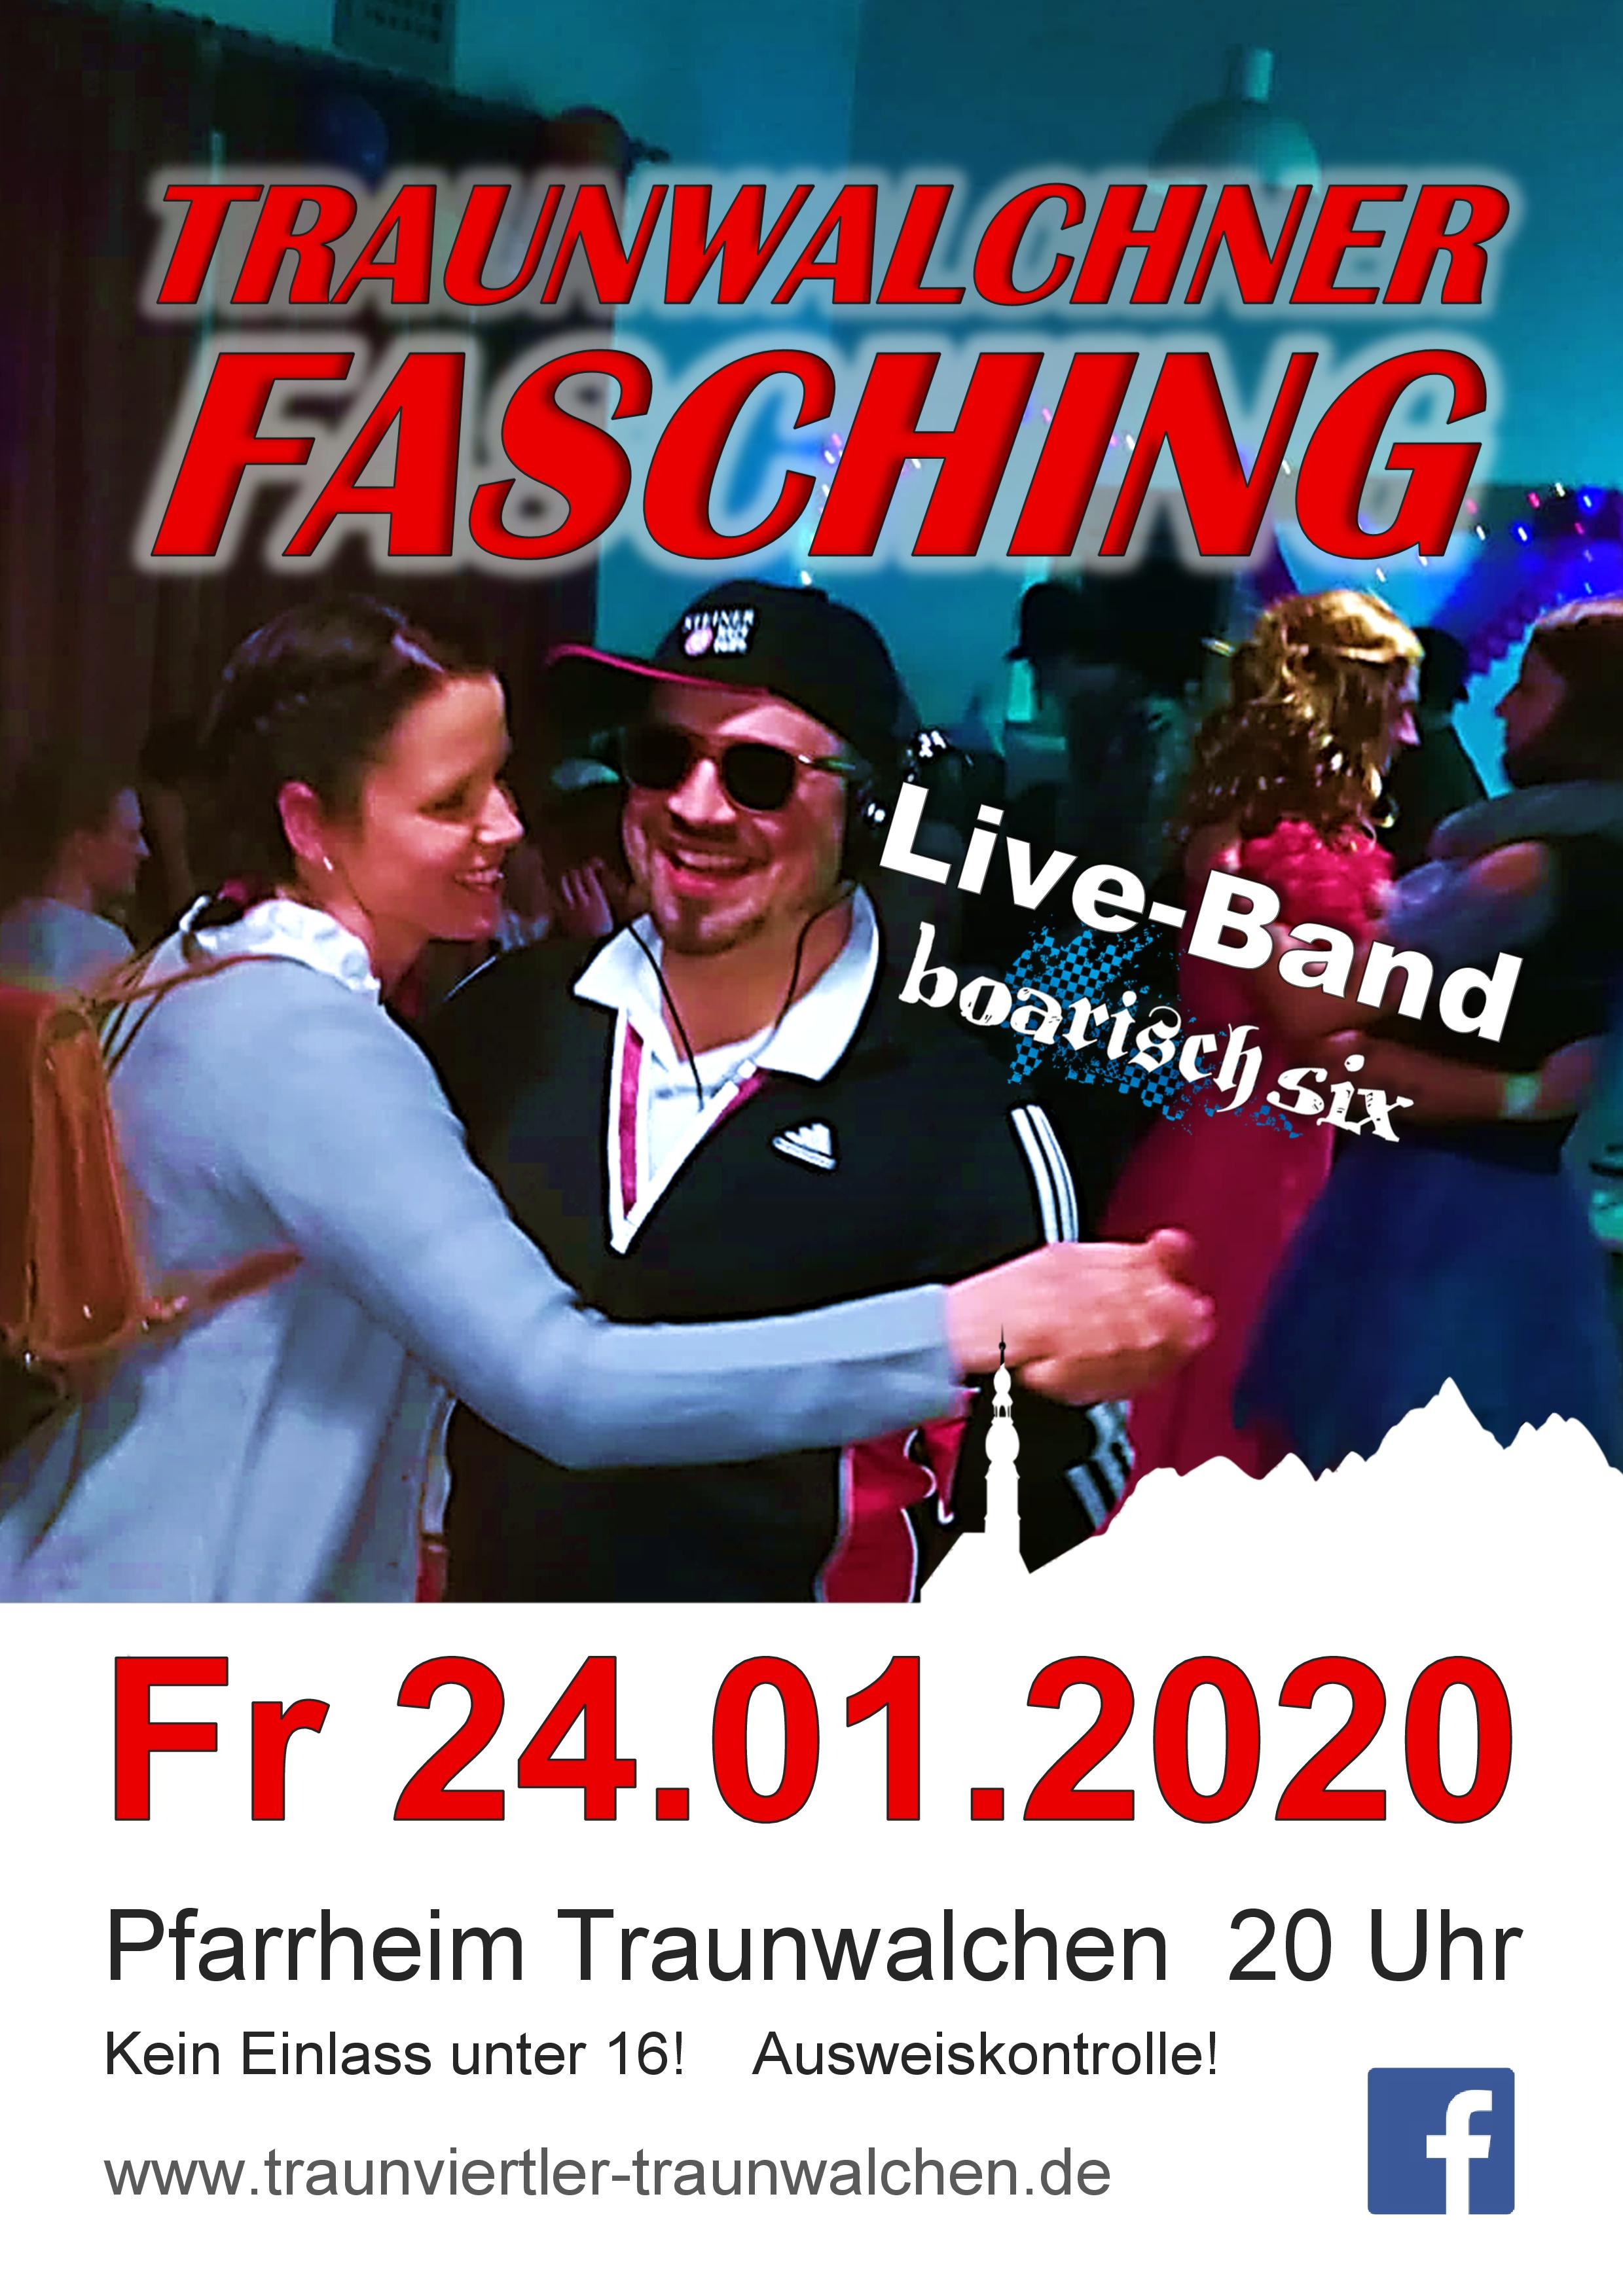 Traunwalchner Fasching